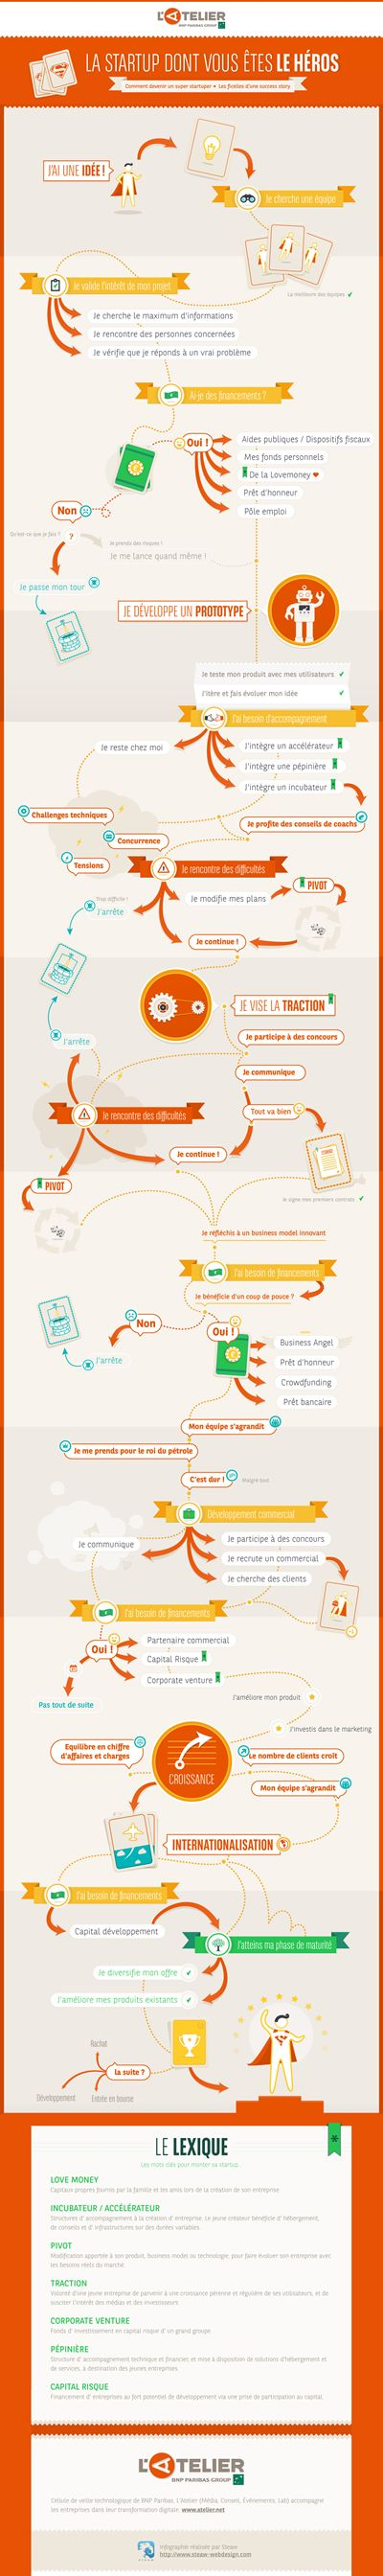 Comment devenir un super startupeur - infographie de L'Atelier BNP Paribas